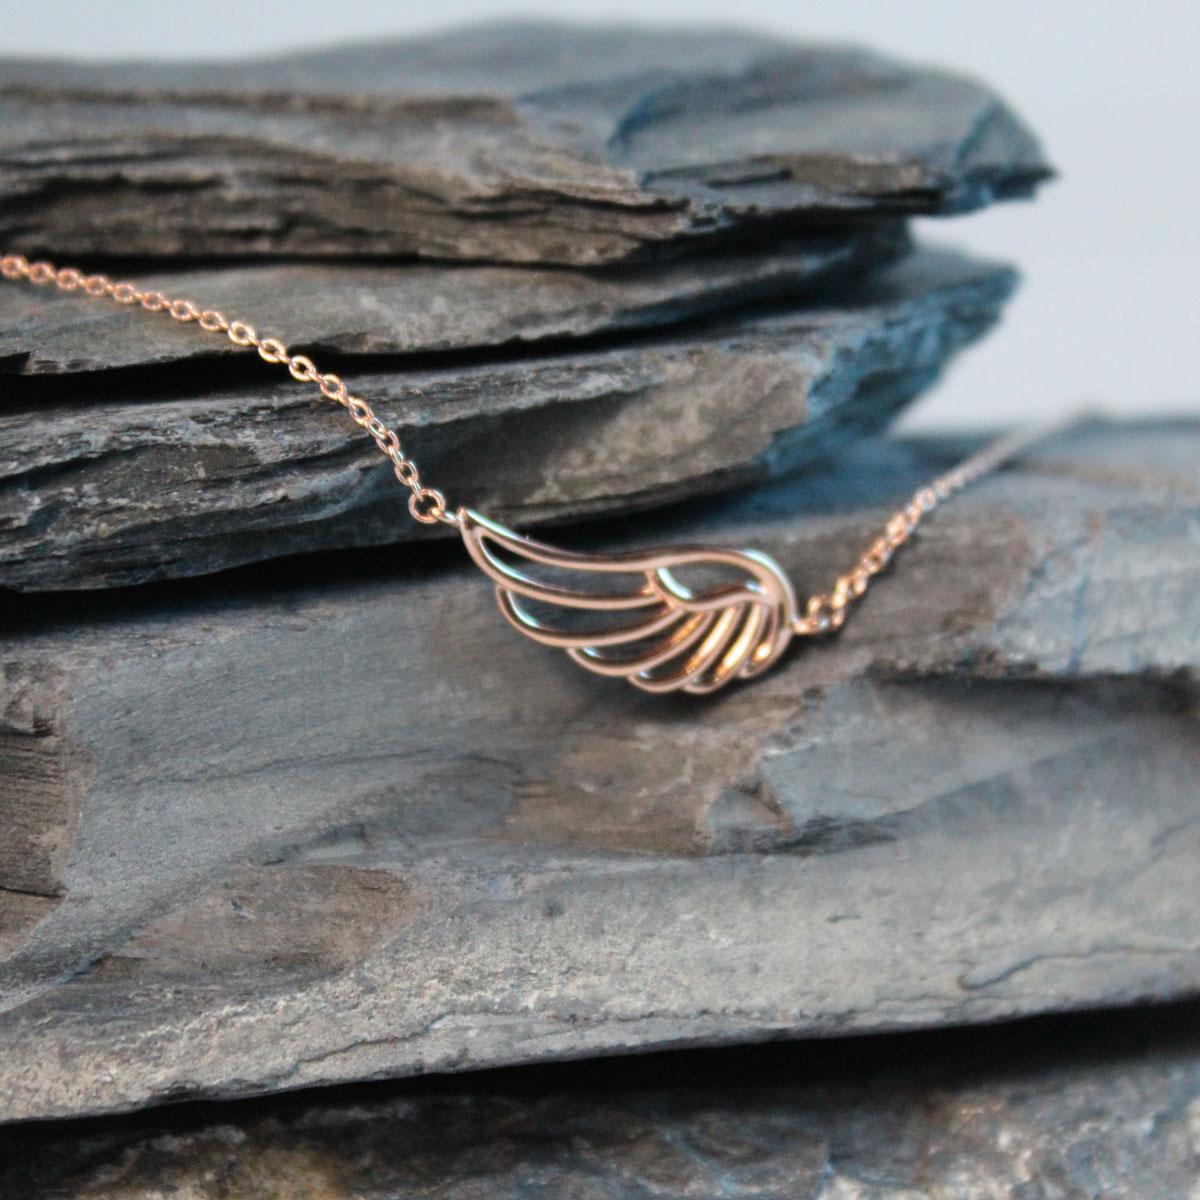 Armkettchen mit Flügel Silber rosévergoldet